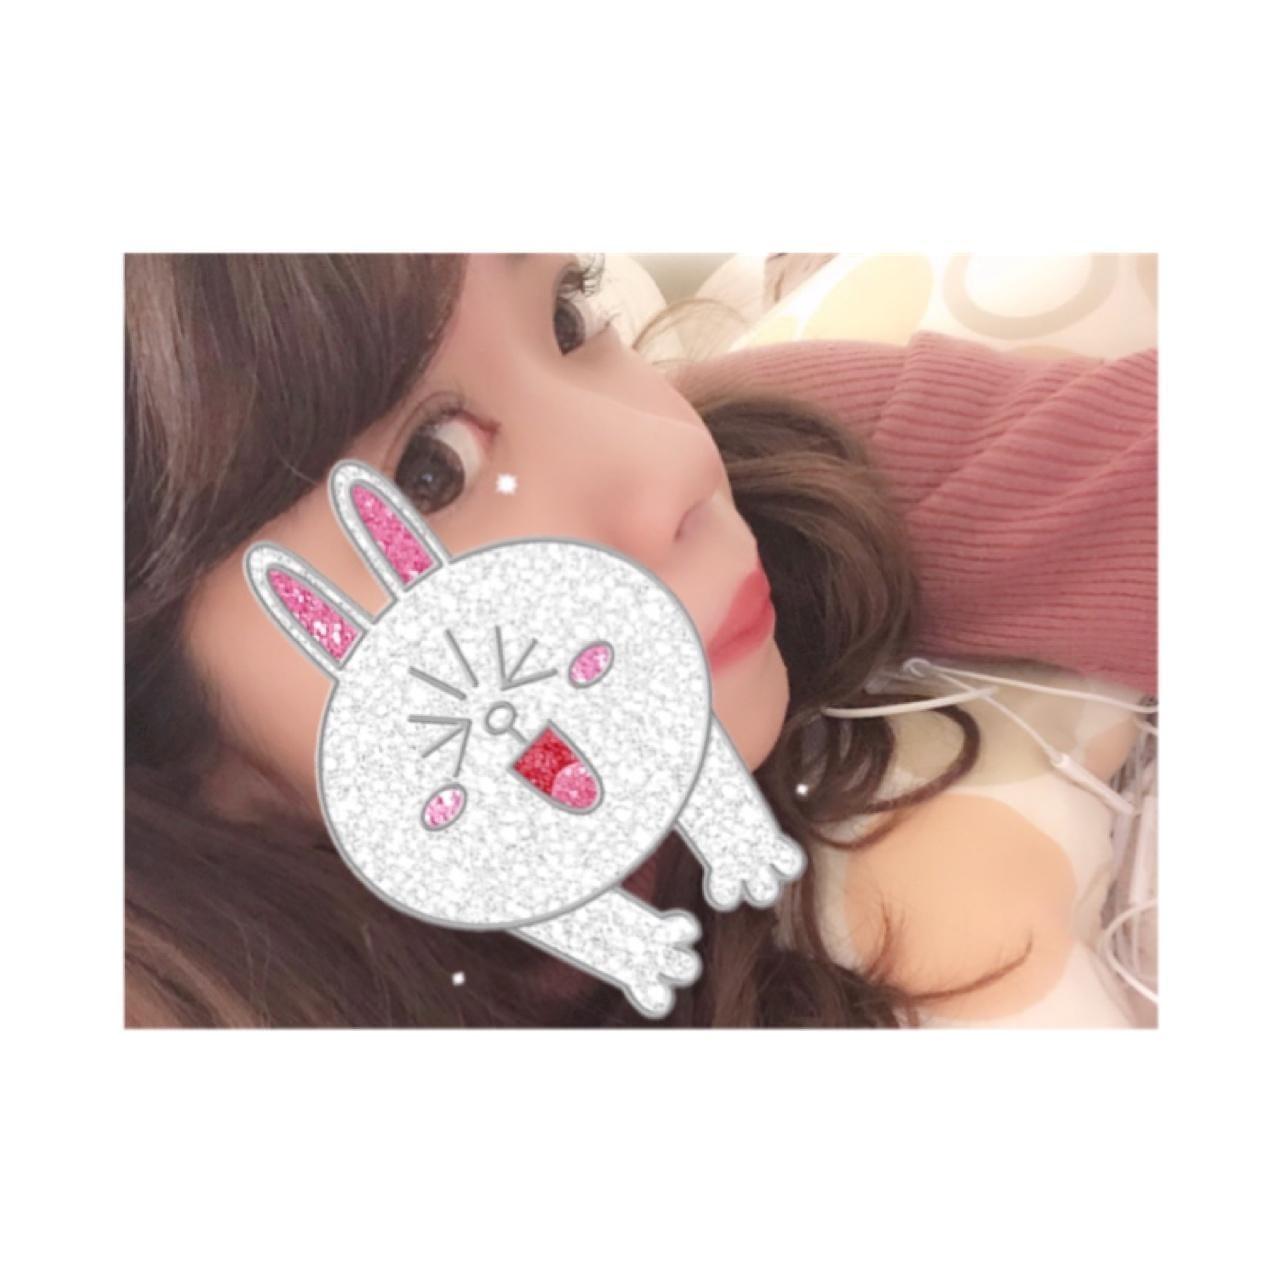 ゆきほ「明日出勤します!」01/15(火) 22:54 | ゆきほの写メ・風俗動画